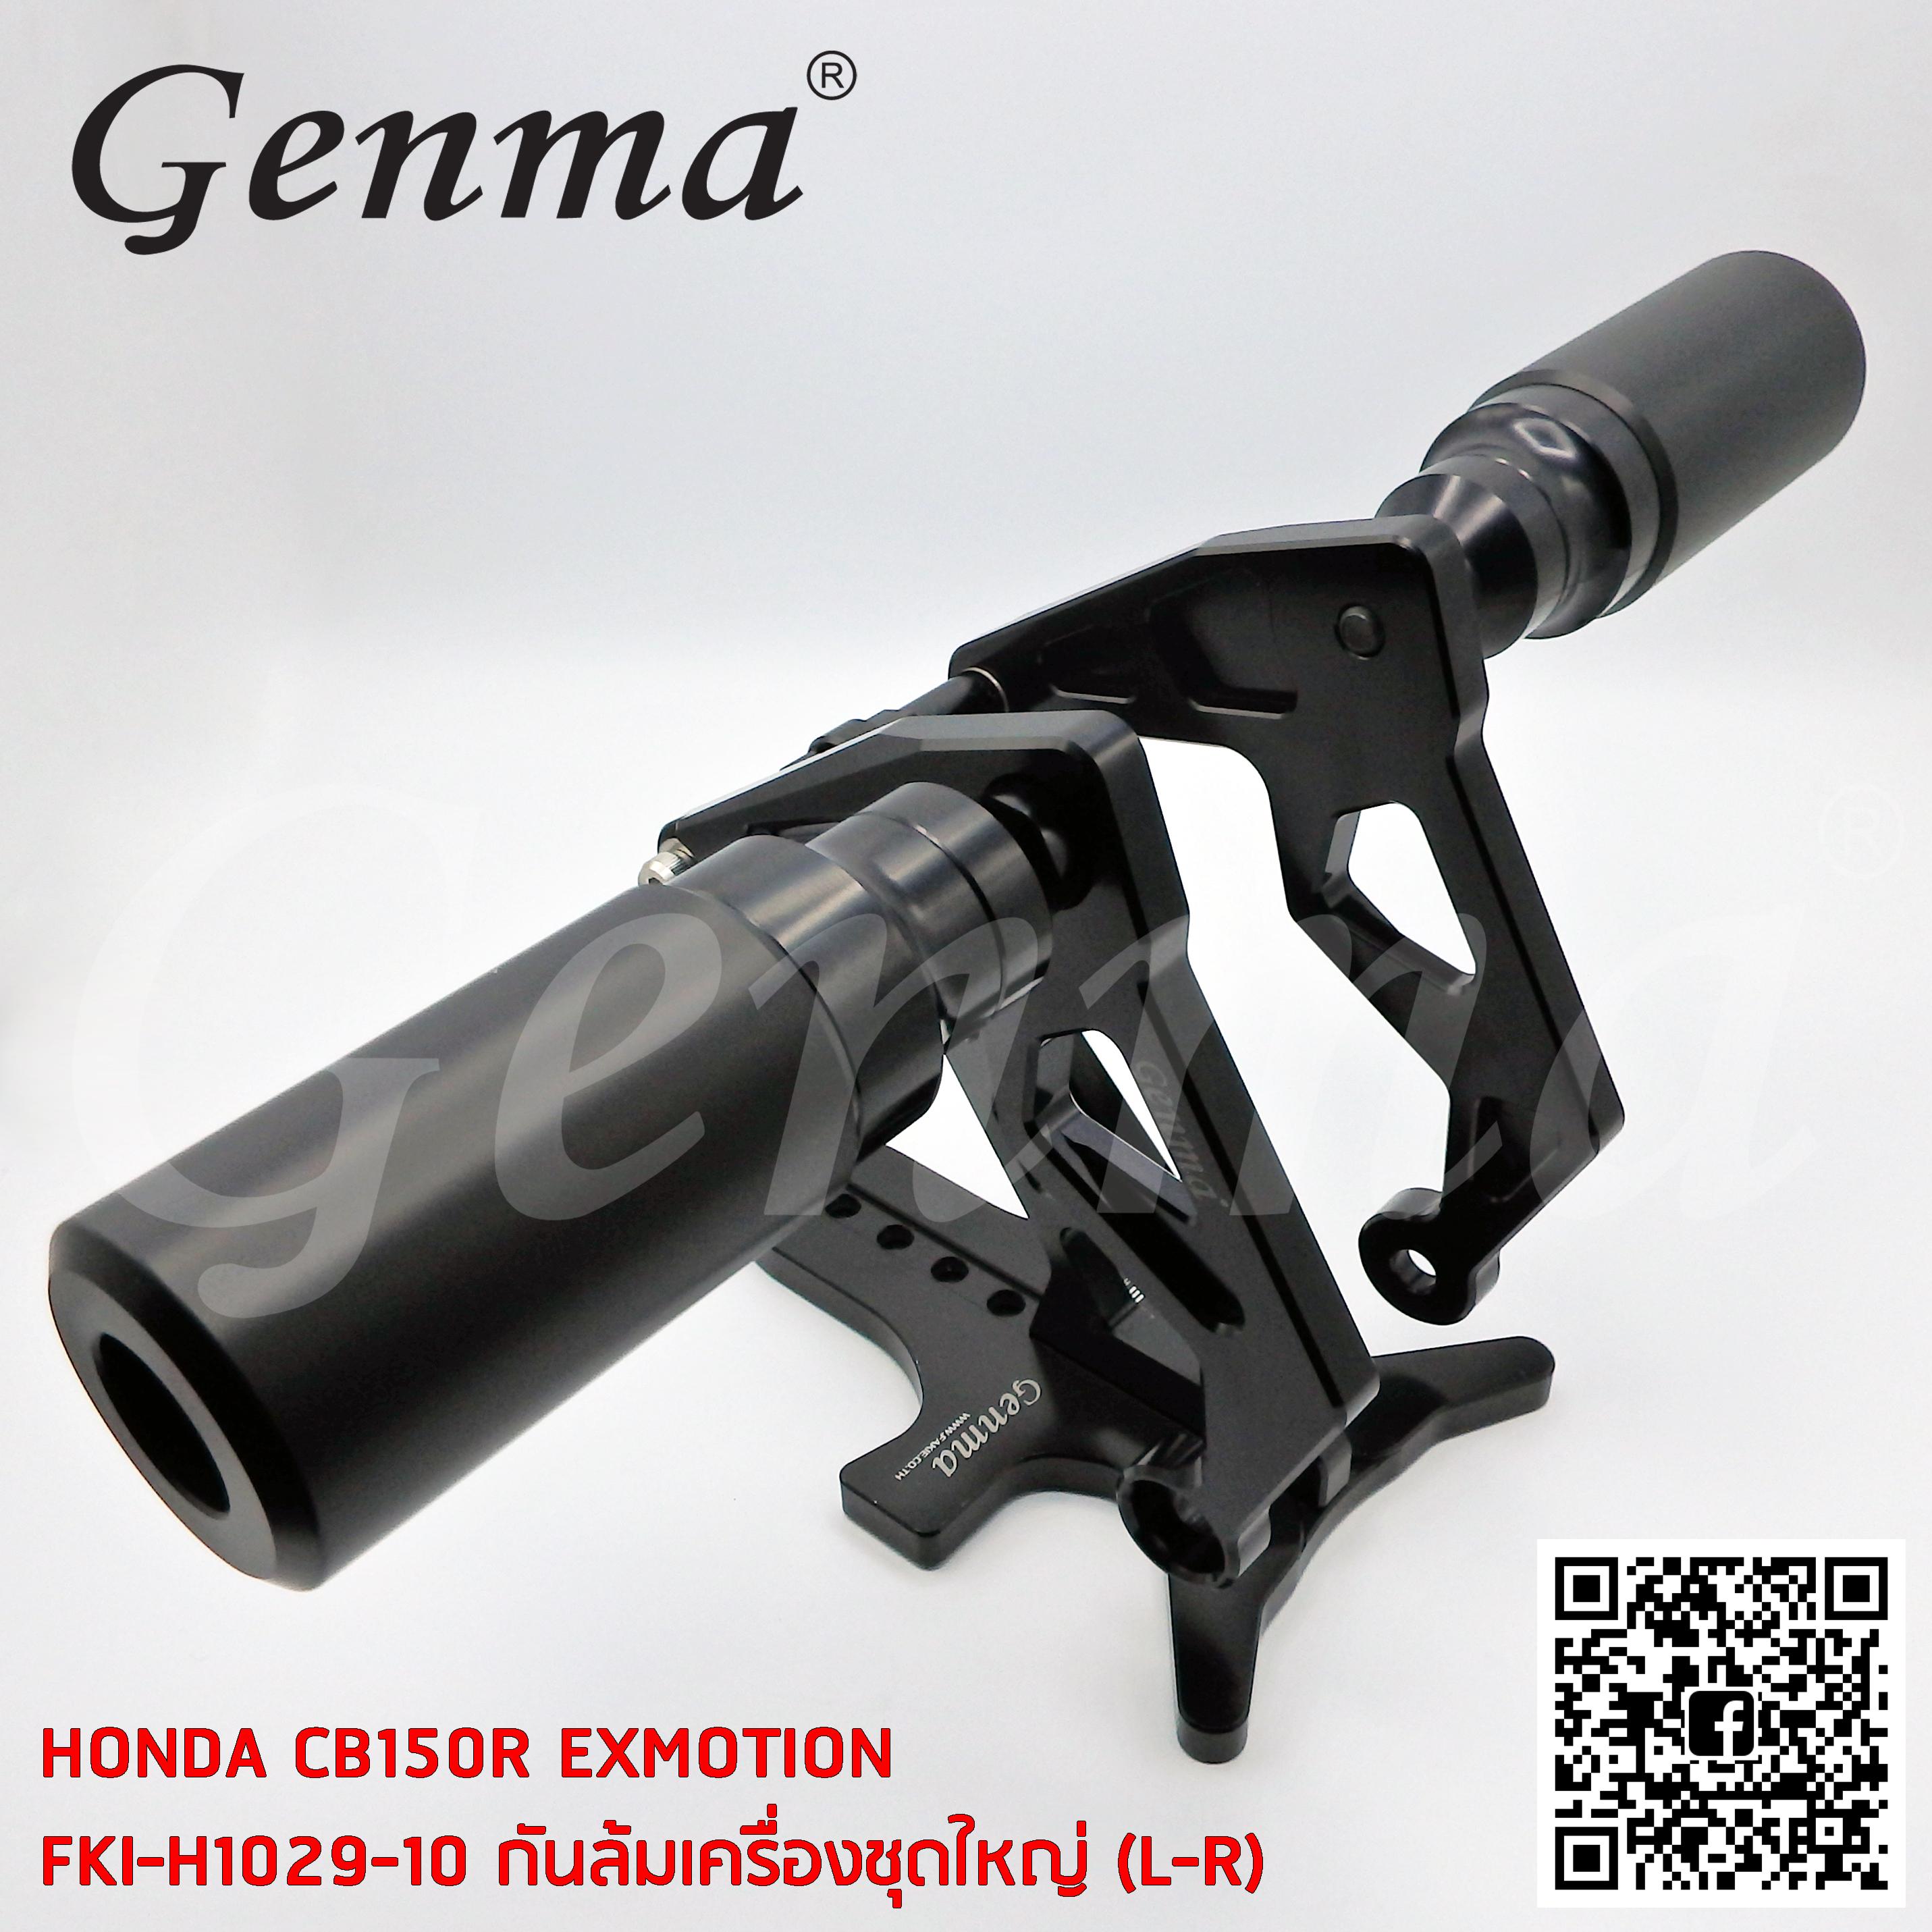 กันล้มเครืองชุดใหญ่ CB 150R EXMOTION GENMA ราคา2200